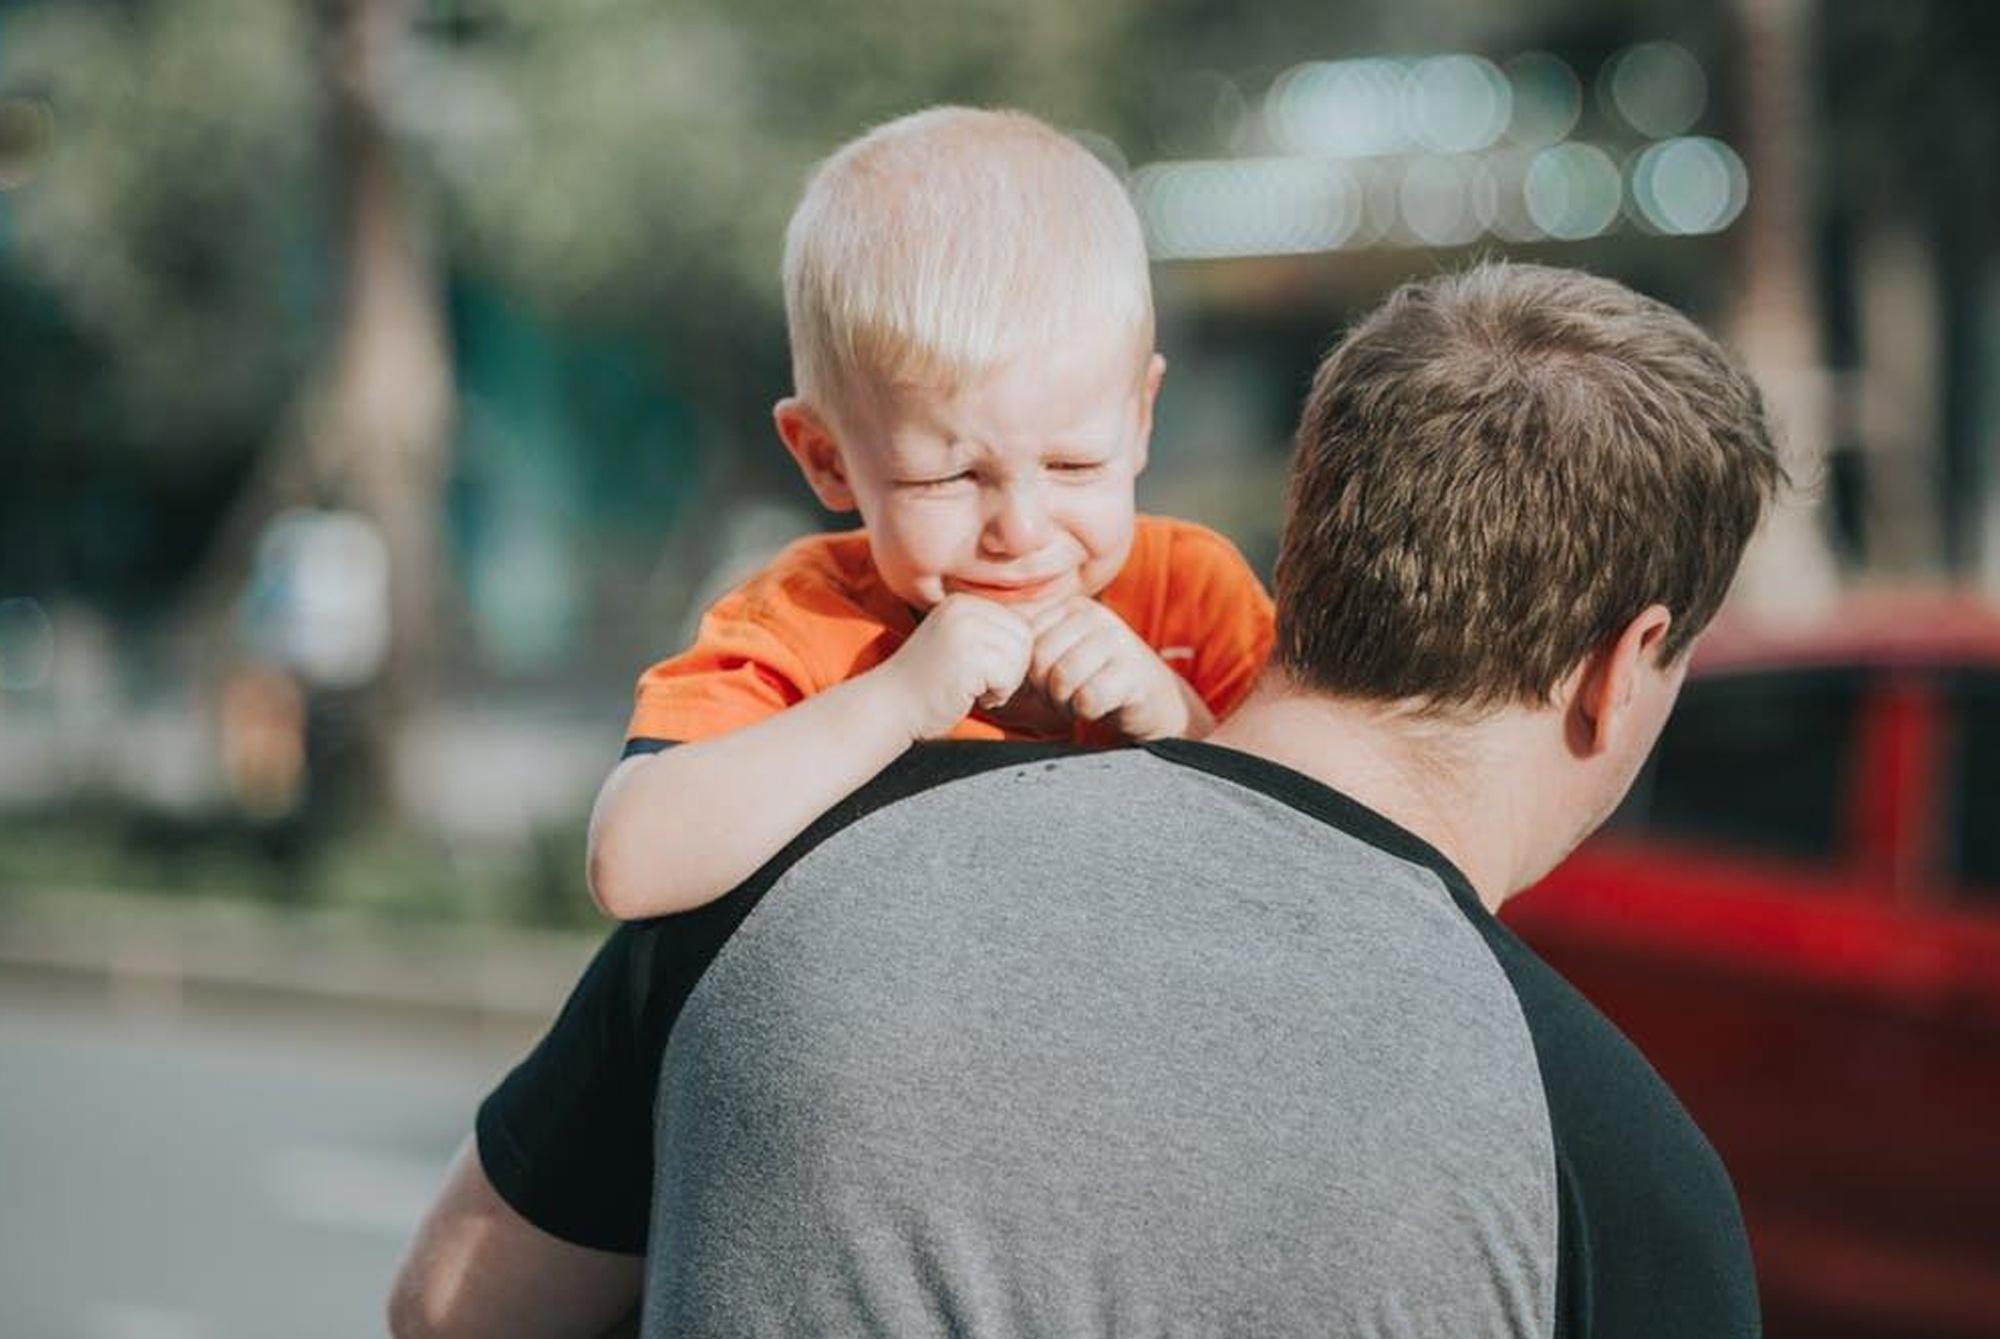 因为不给买冰激凌,娃当街失控大哭,这位宝妈的做法值得家长学习